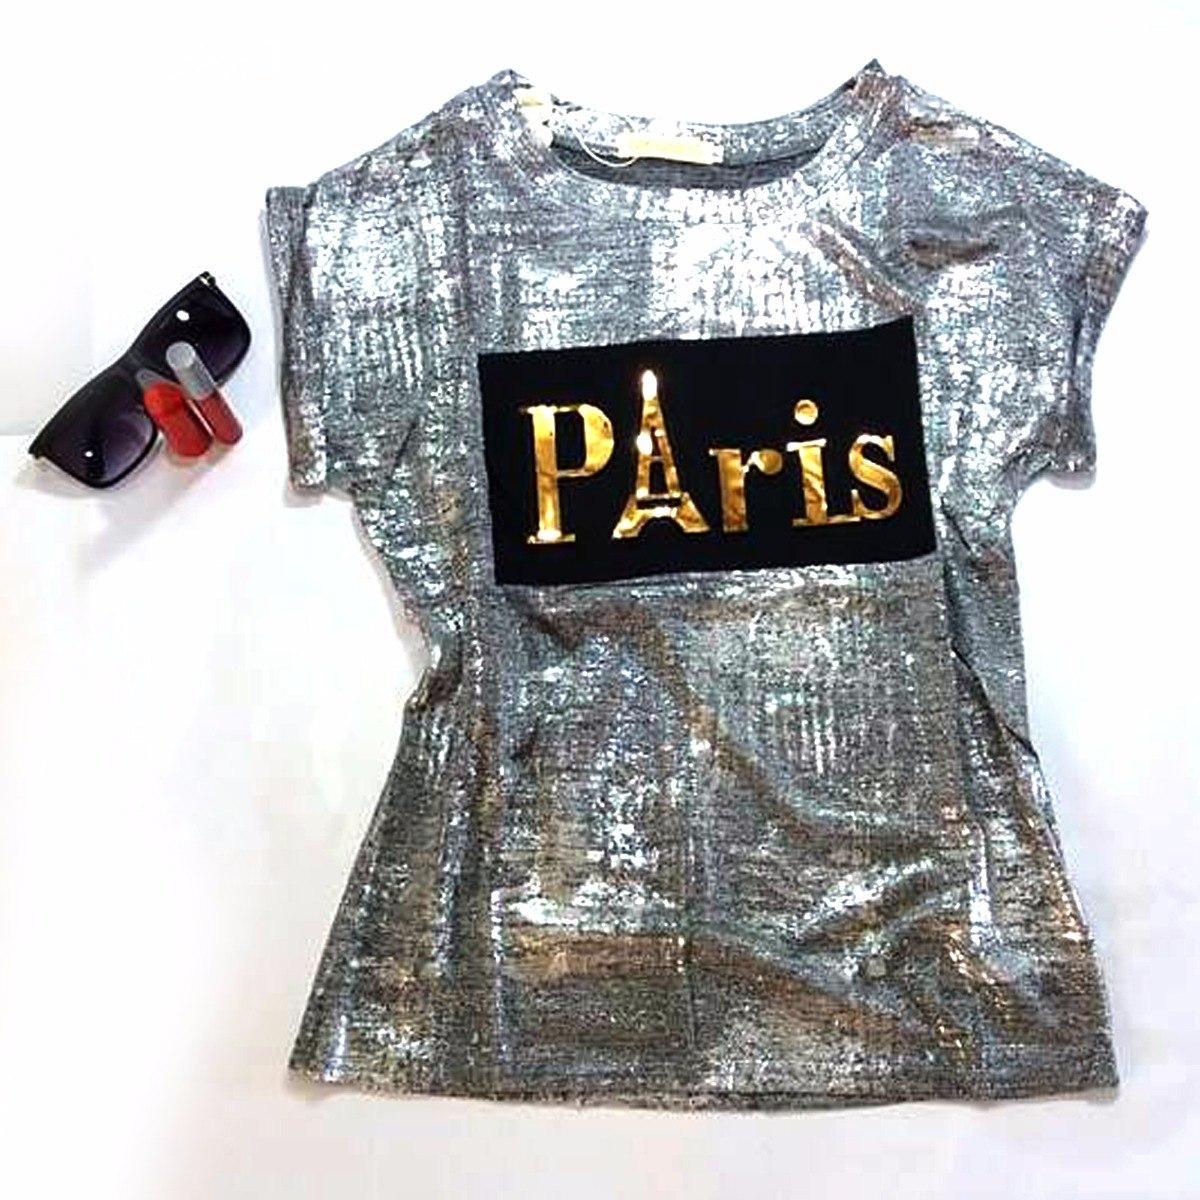 bc1b2d052 blusa feminina paris moda instagram blogueira tendência 2017. Carregando  zoom.